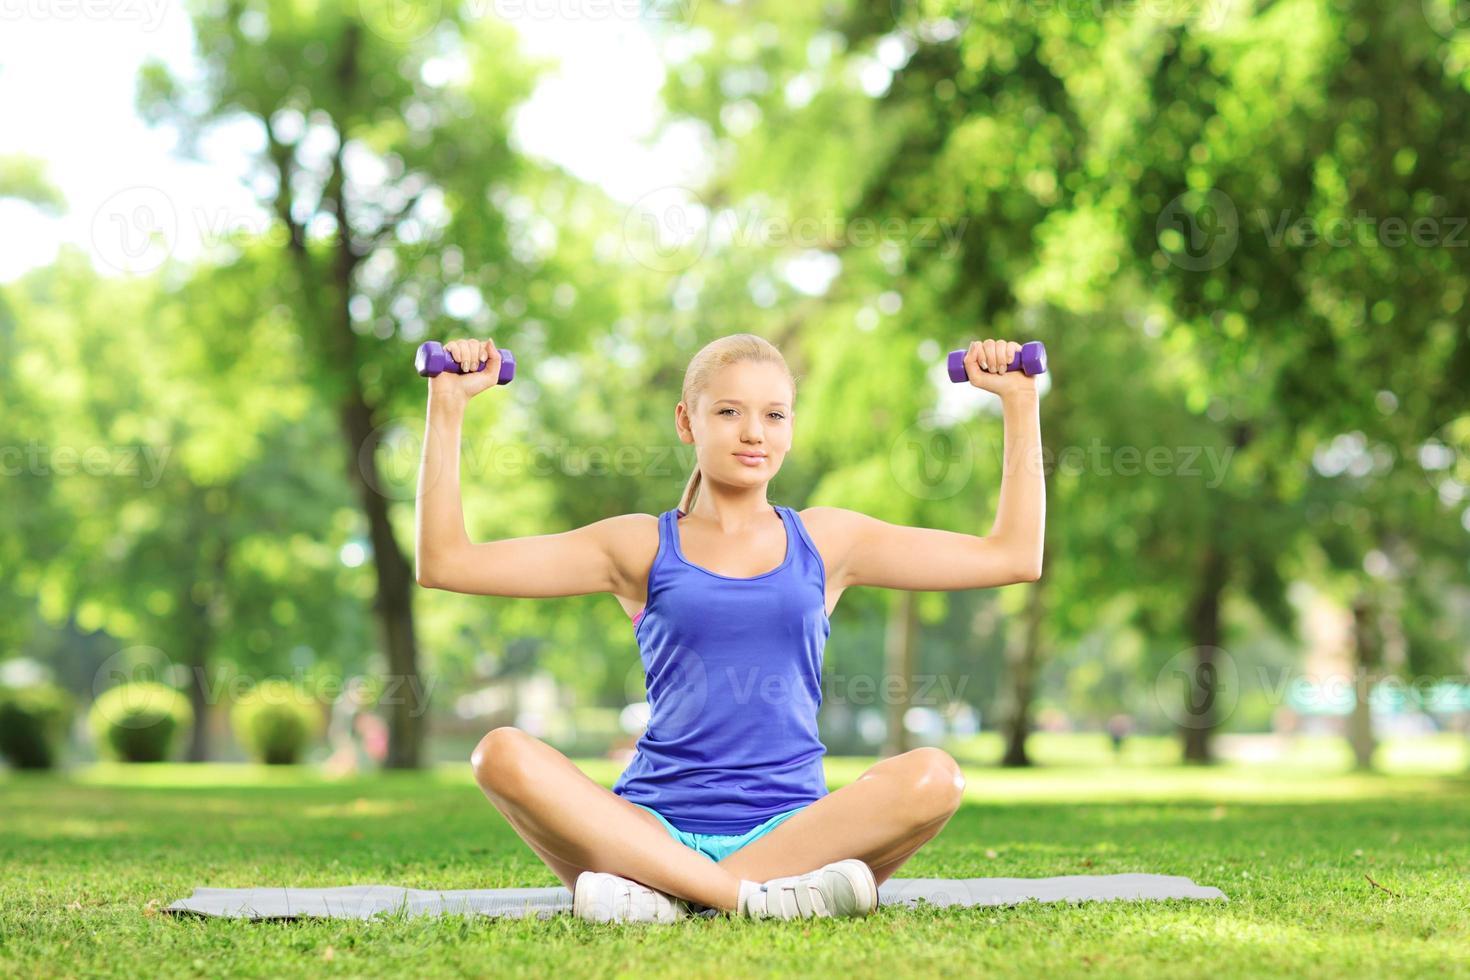 Female exercising with dumbbells photo